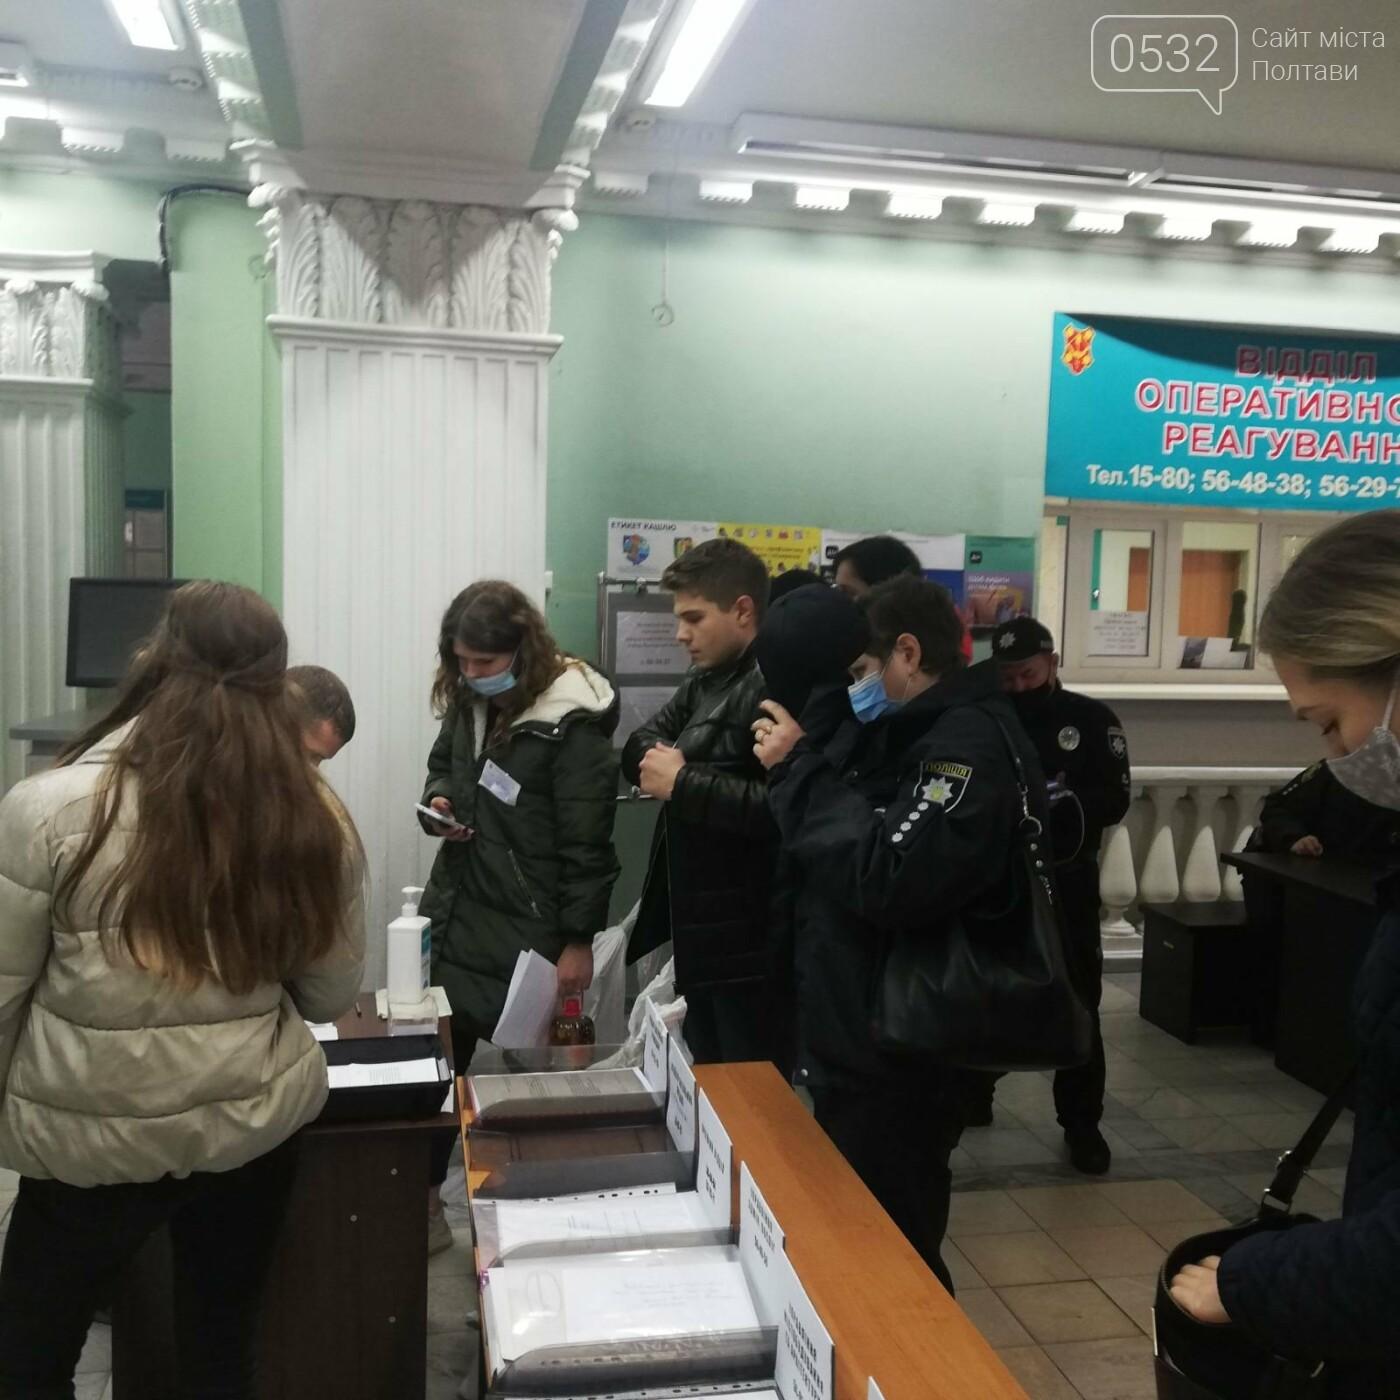 Поліцейські сидять на мішках: як у Полтаві приймають бюлетені у ТВК (ФОТО), фото-8